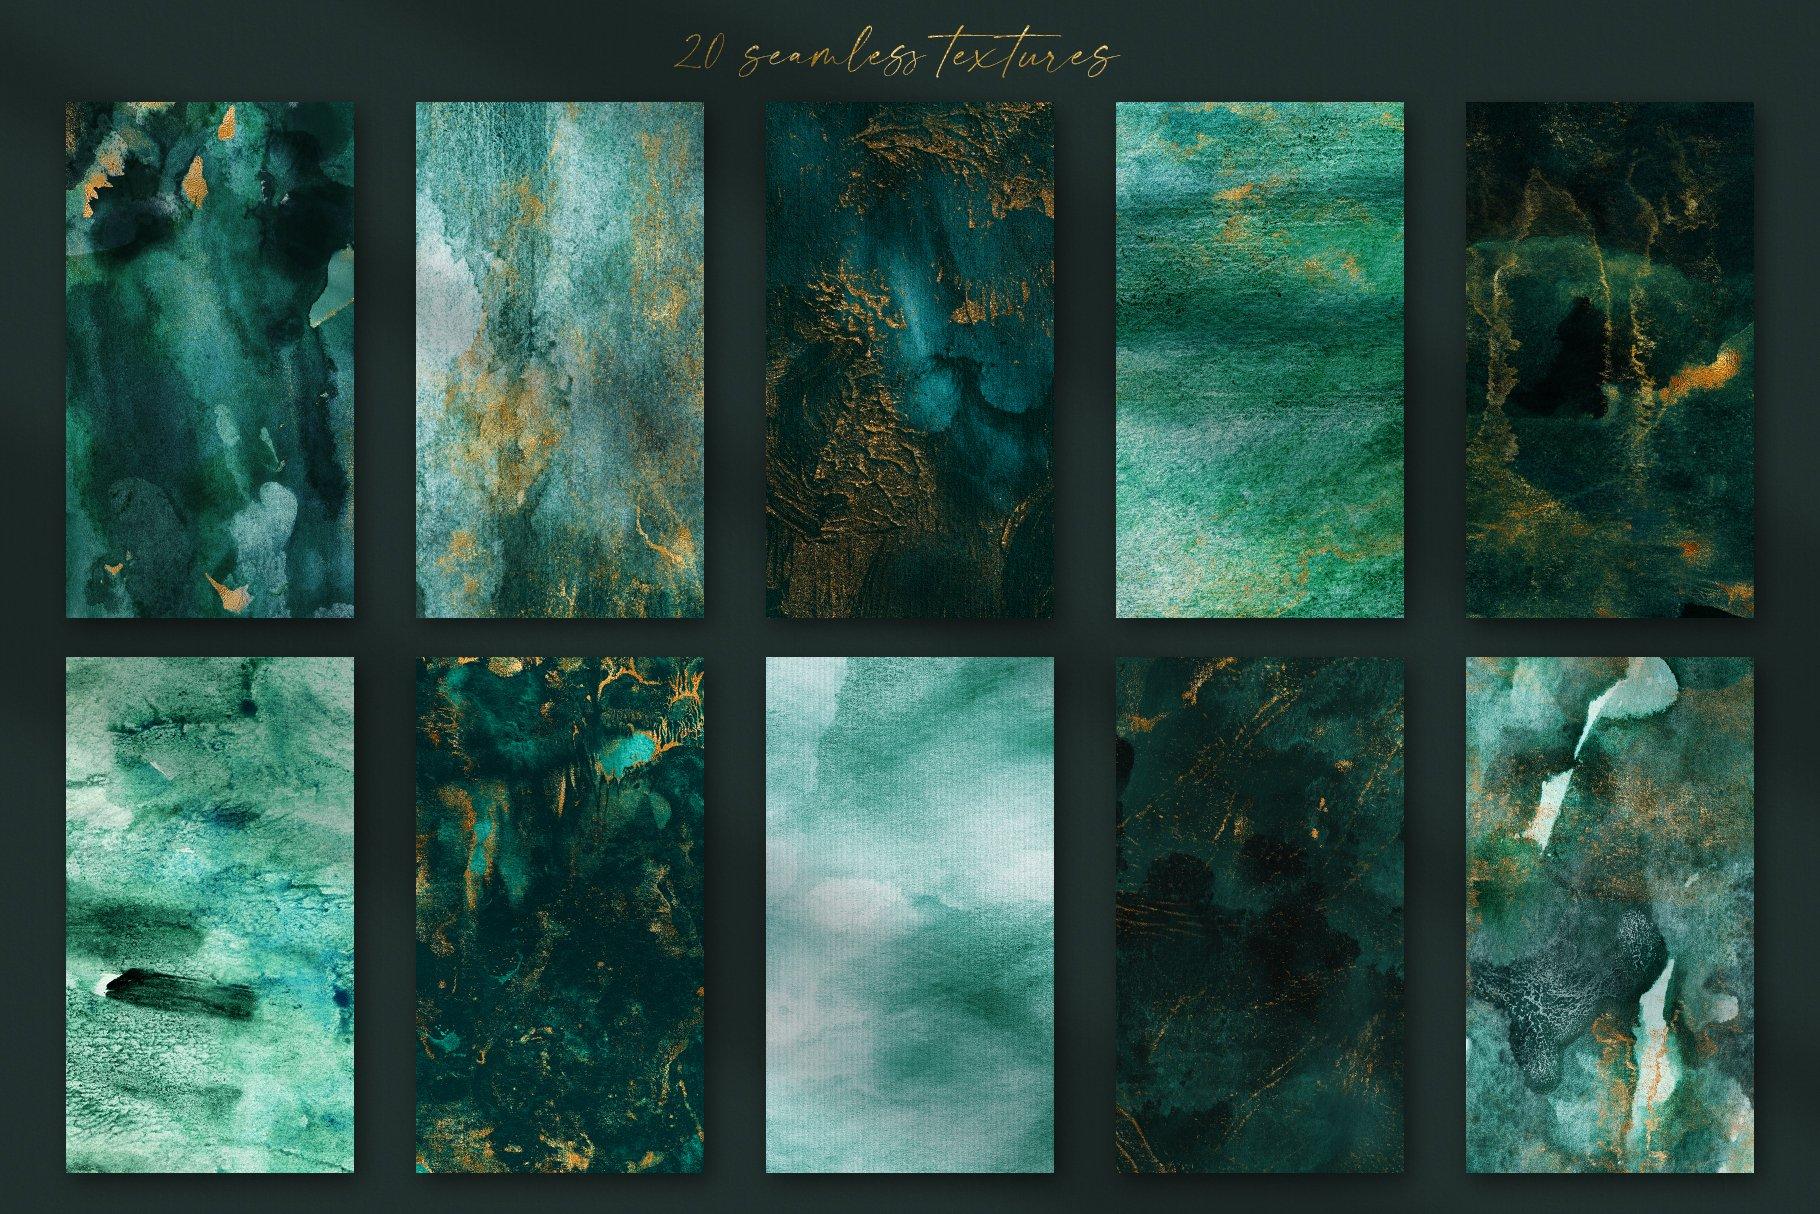 30款奢华翡翠墨绿流金水彩抽象艺术装饰背景底纹图片素材 Seamless Watercolor Backgrounds插图4